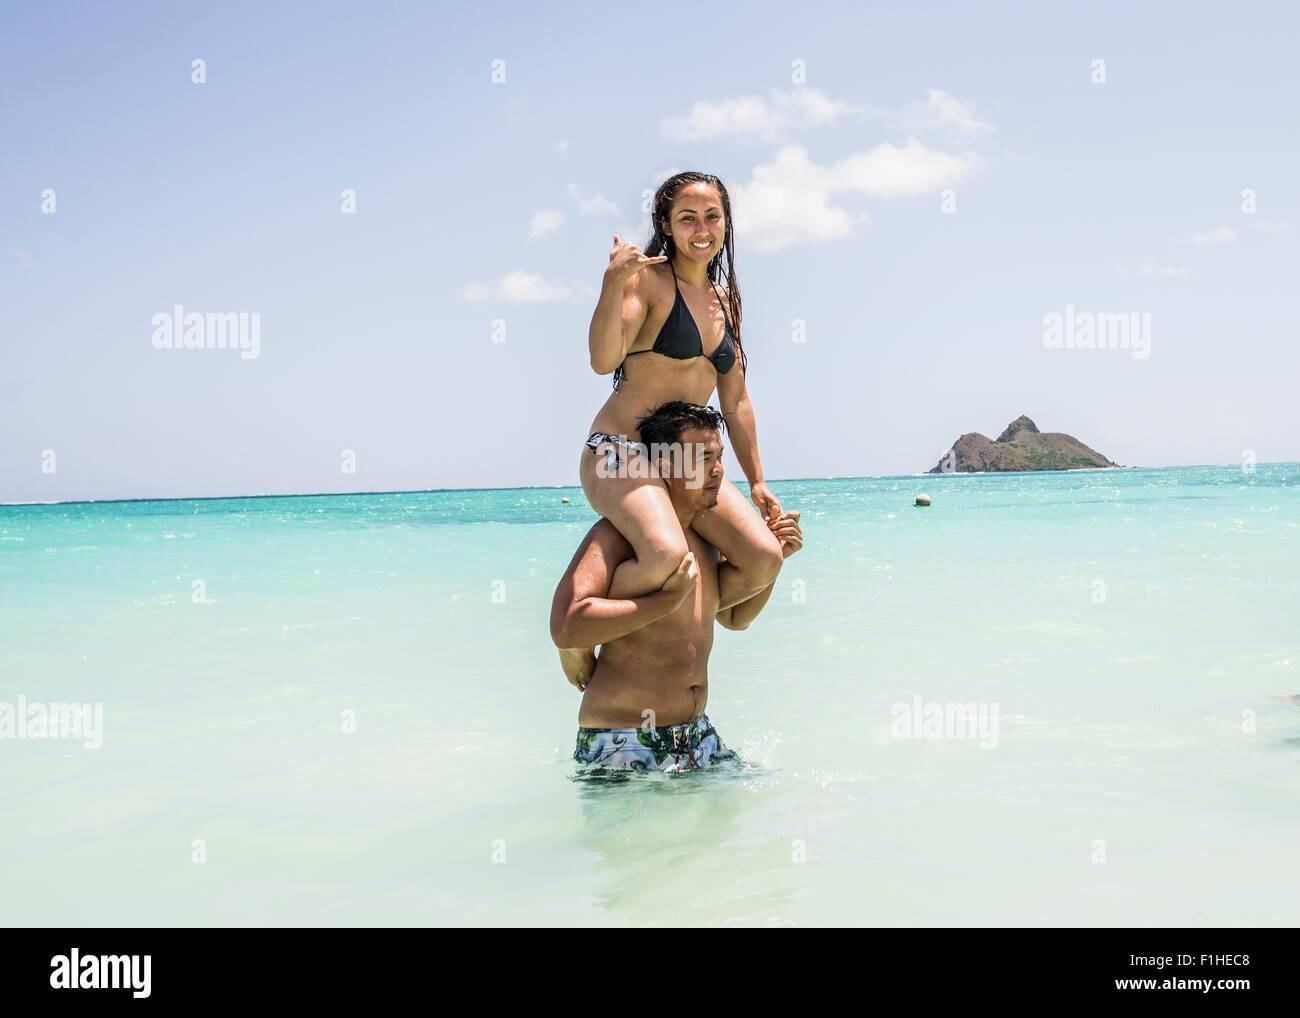 Ritratto di giovane donna getting spalla ride da ragazzo in mare a Lanikai Beach, Oahu, Hawaii, STATI UNITI D'AMERICA Immagini Stock